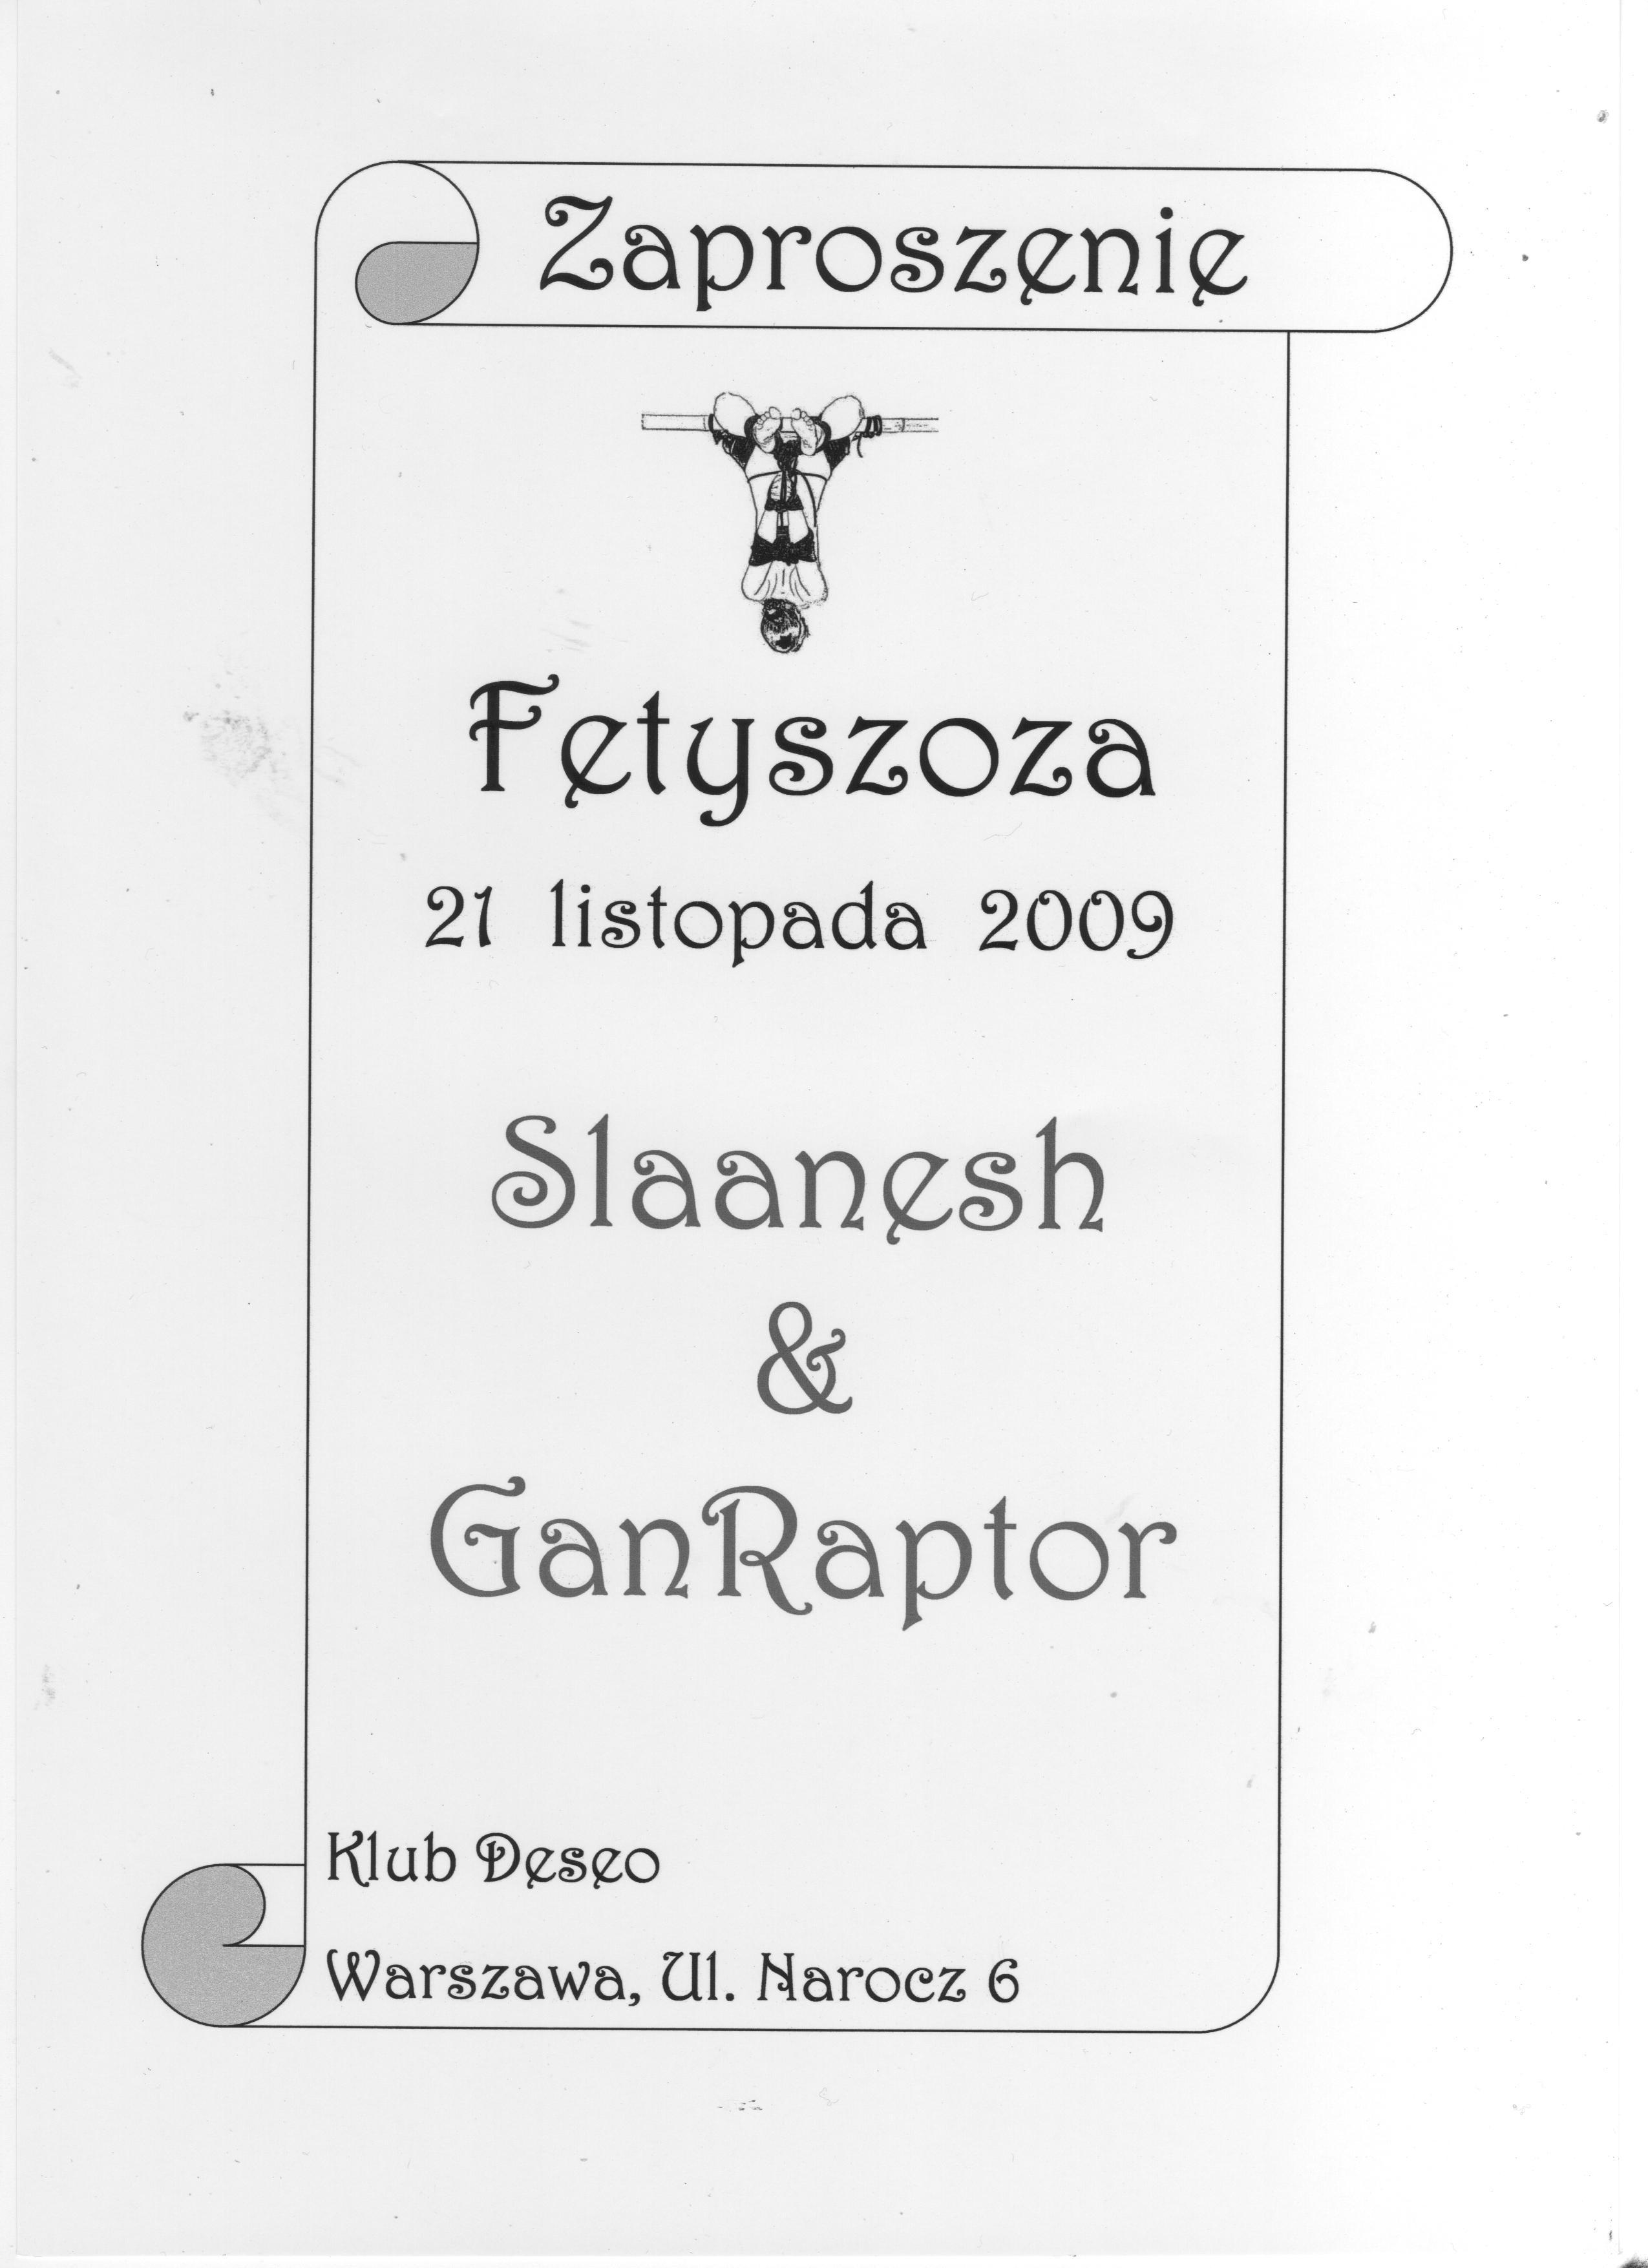 Fetyszoza zaproszenie 001